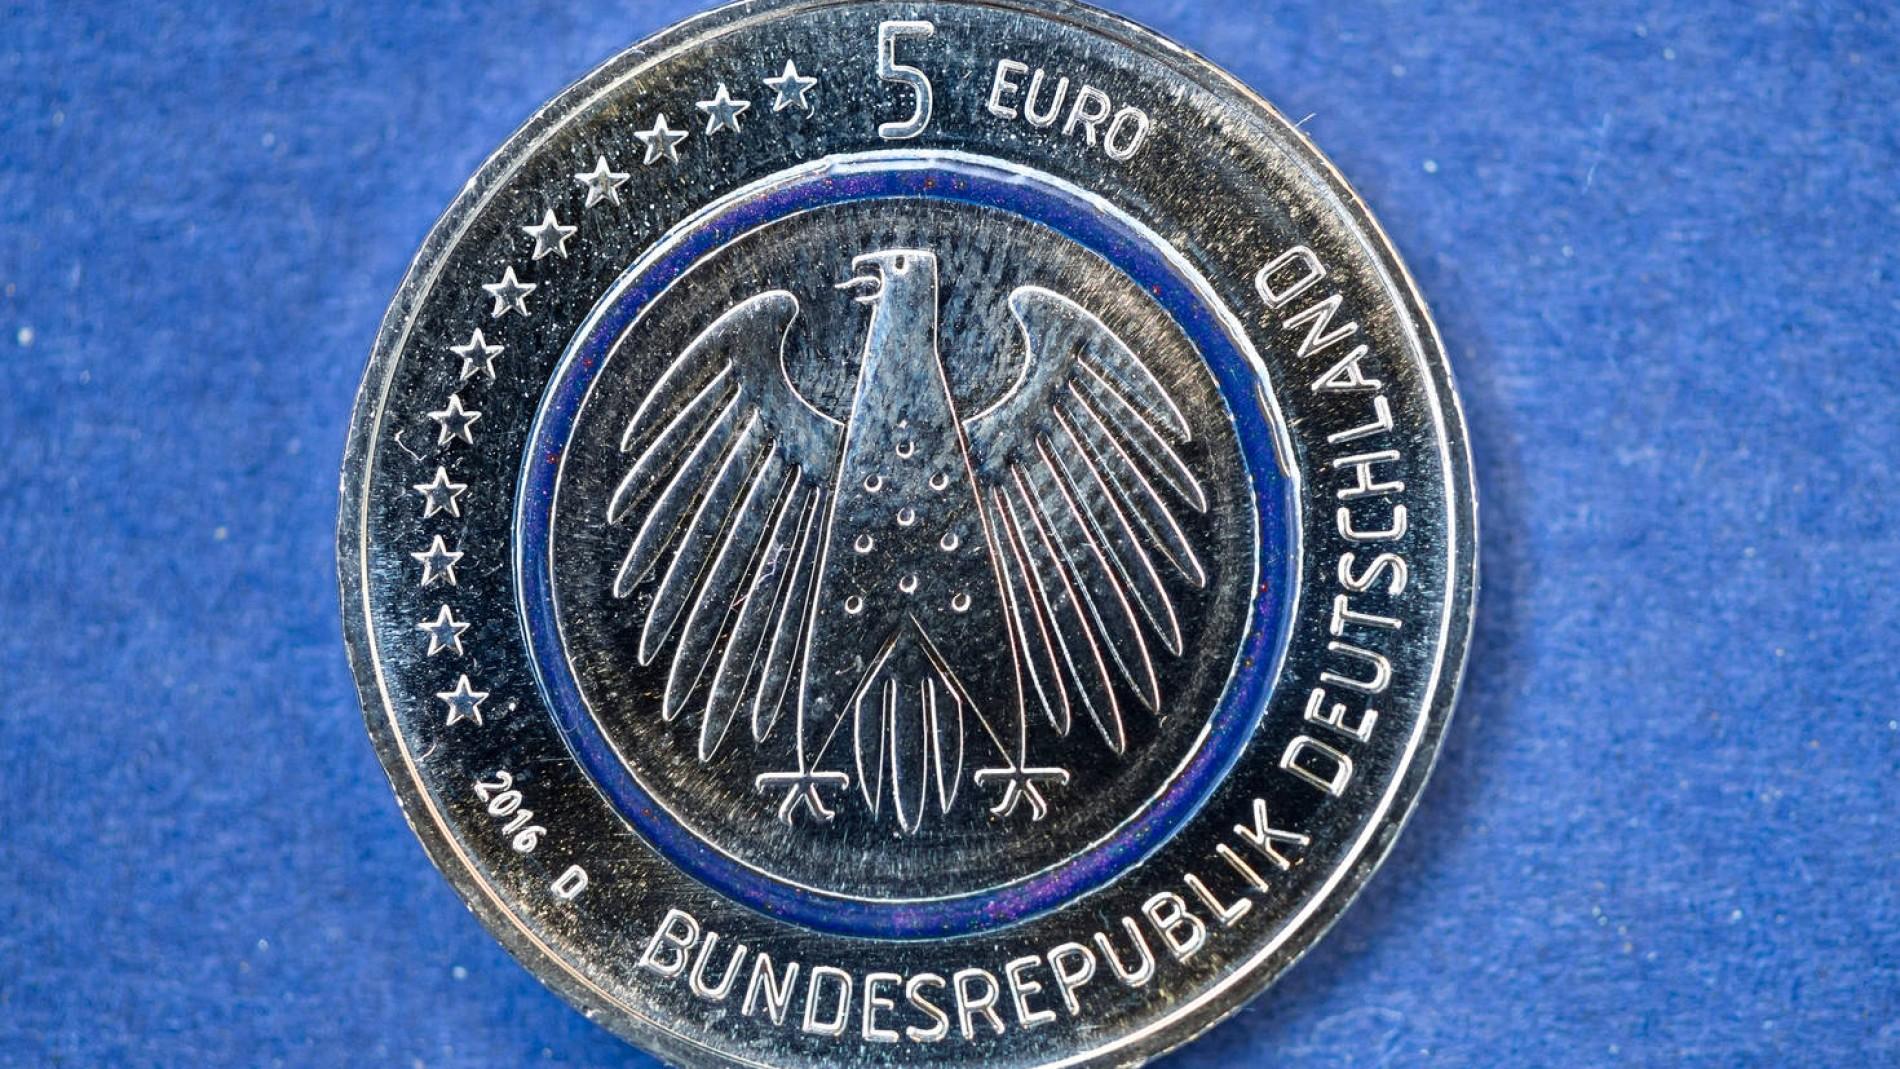 5 Euro Sammlermünze So Werden Münzen Fälschungssicher